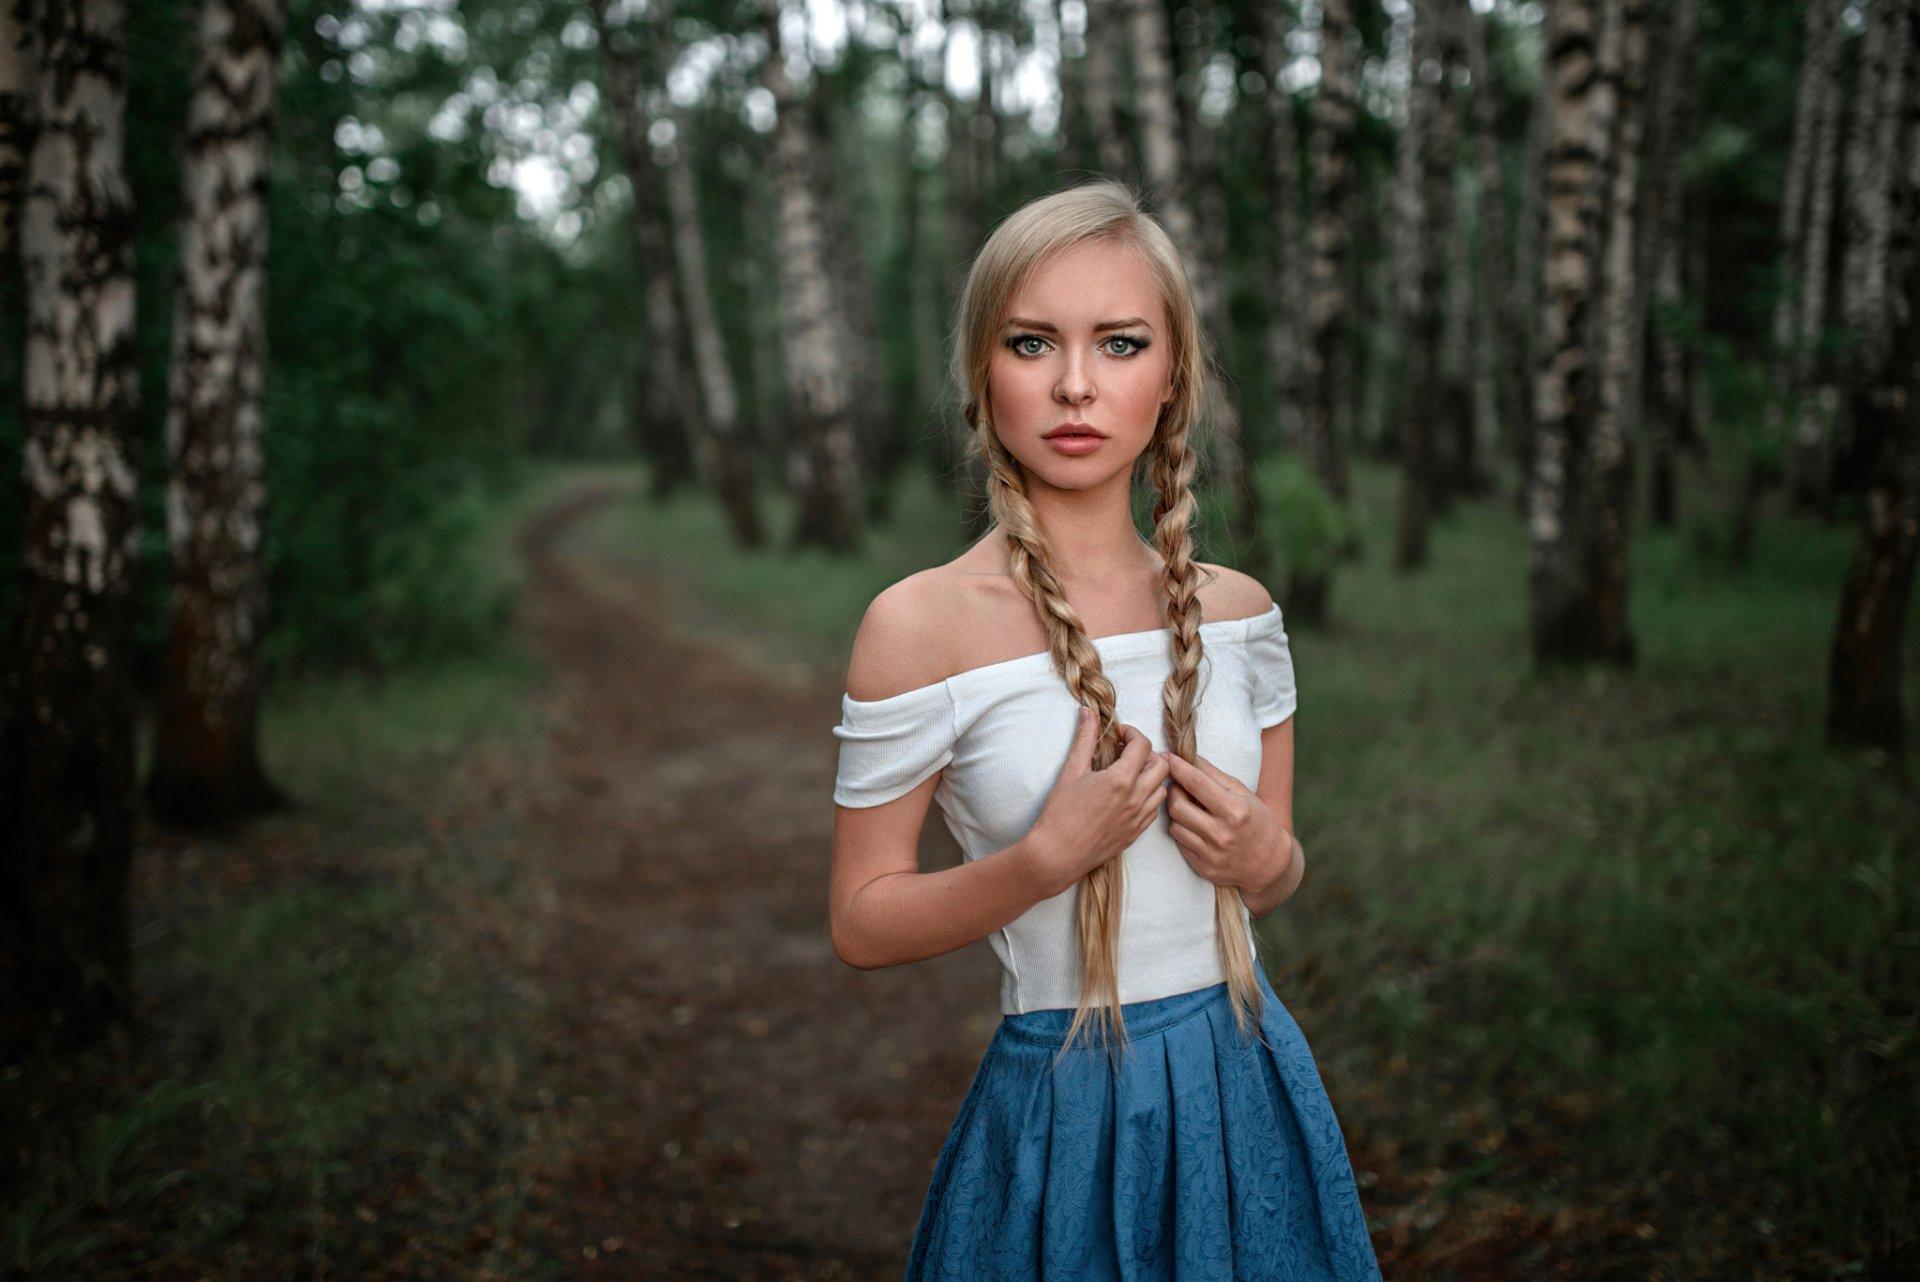 русскую блондинку вику сообщение вашими контактными